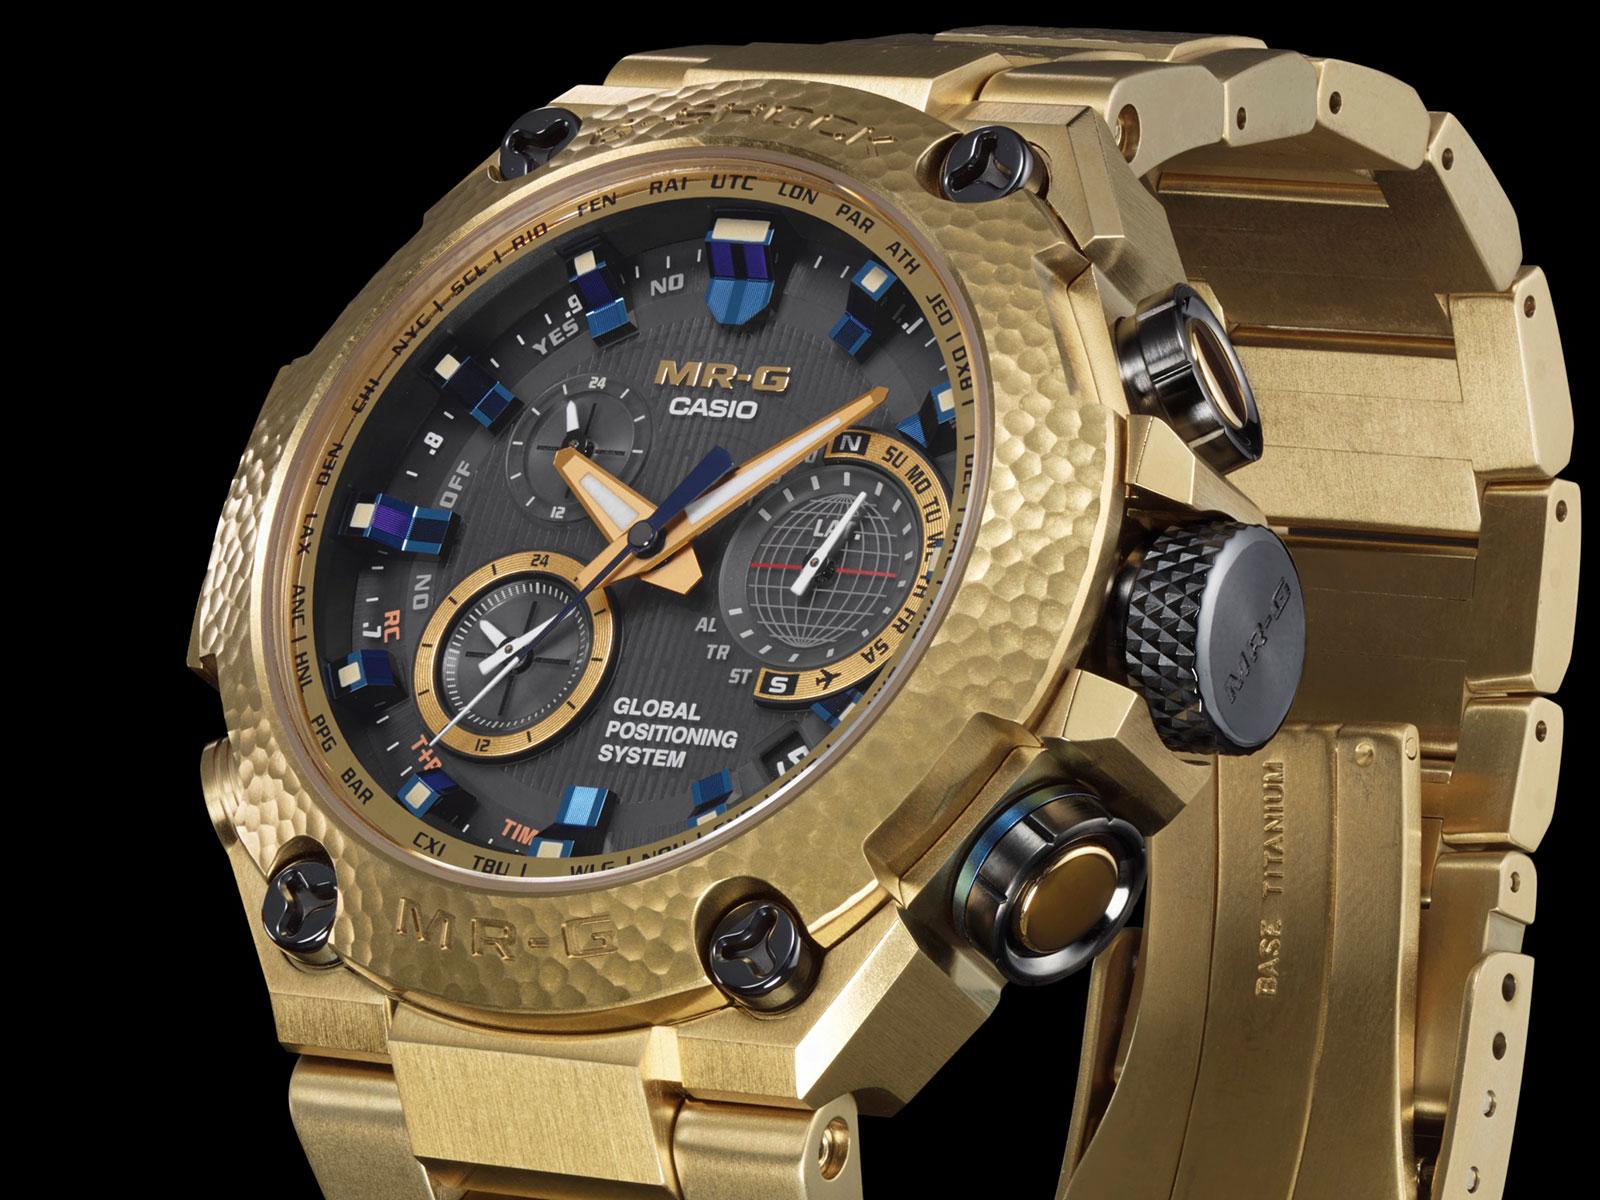 Casio G-Shock MR-G Gold Hammer Tone 3